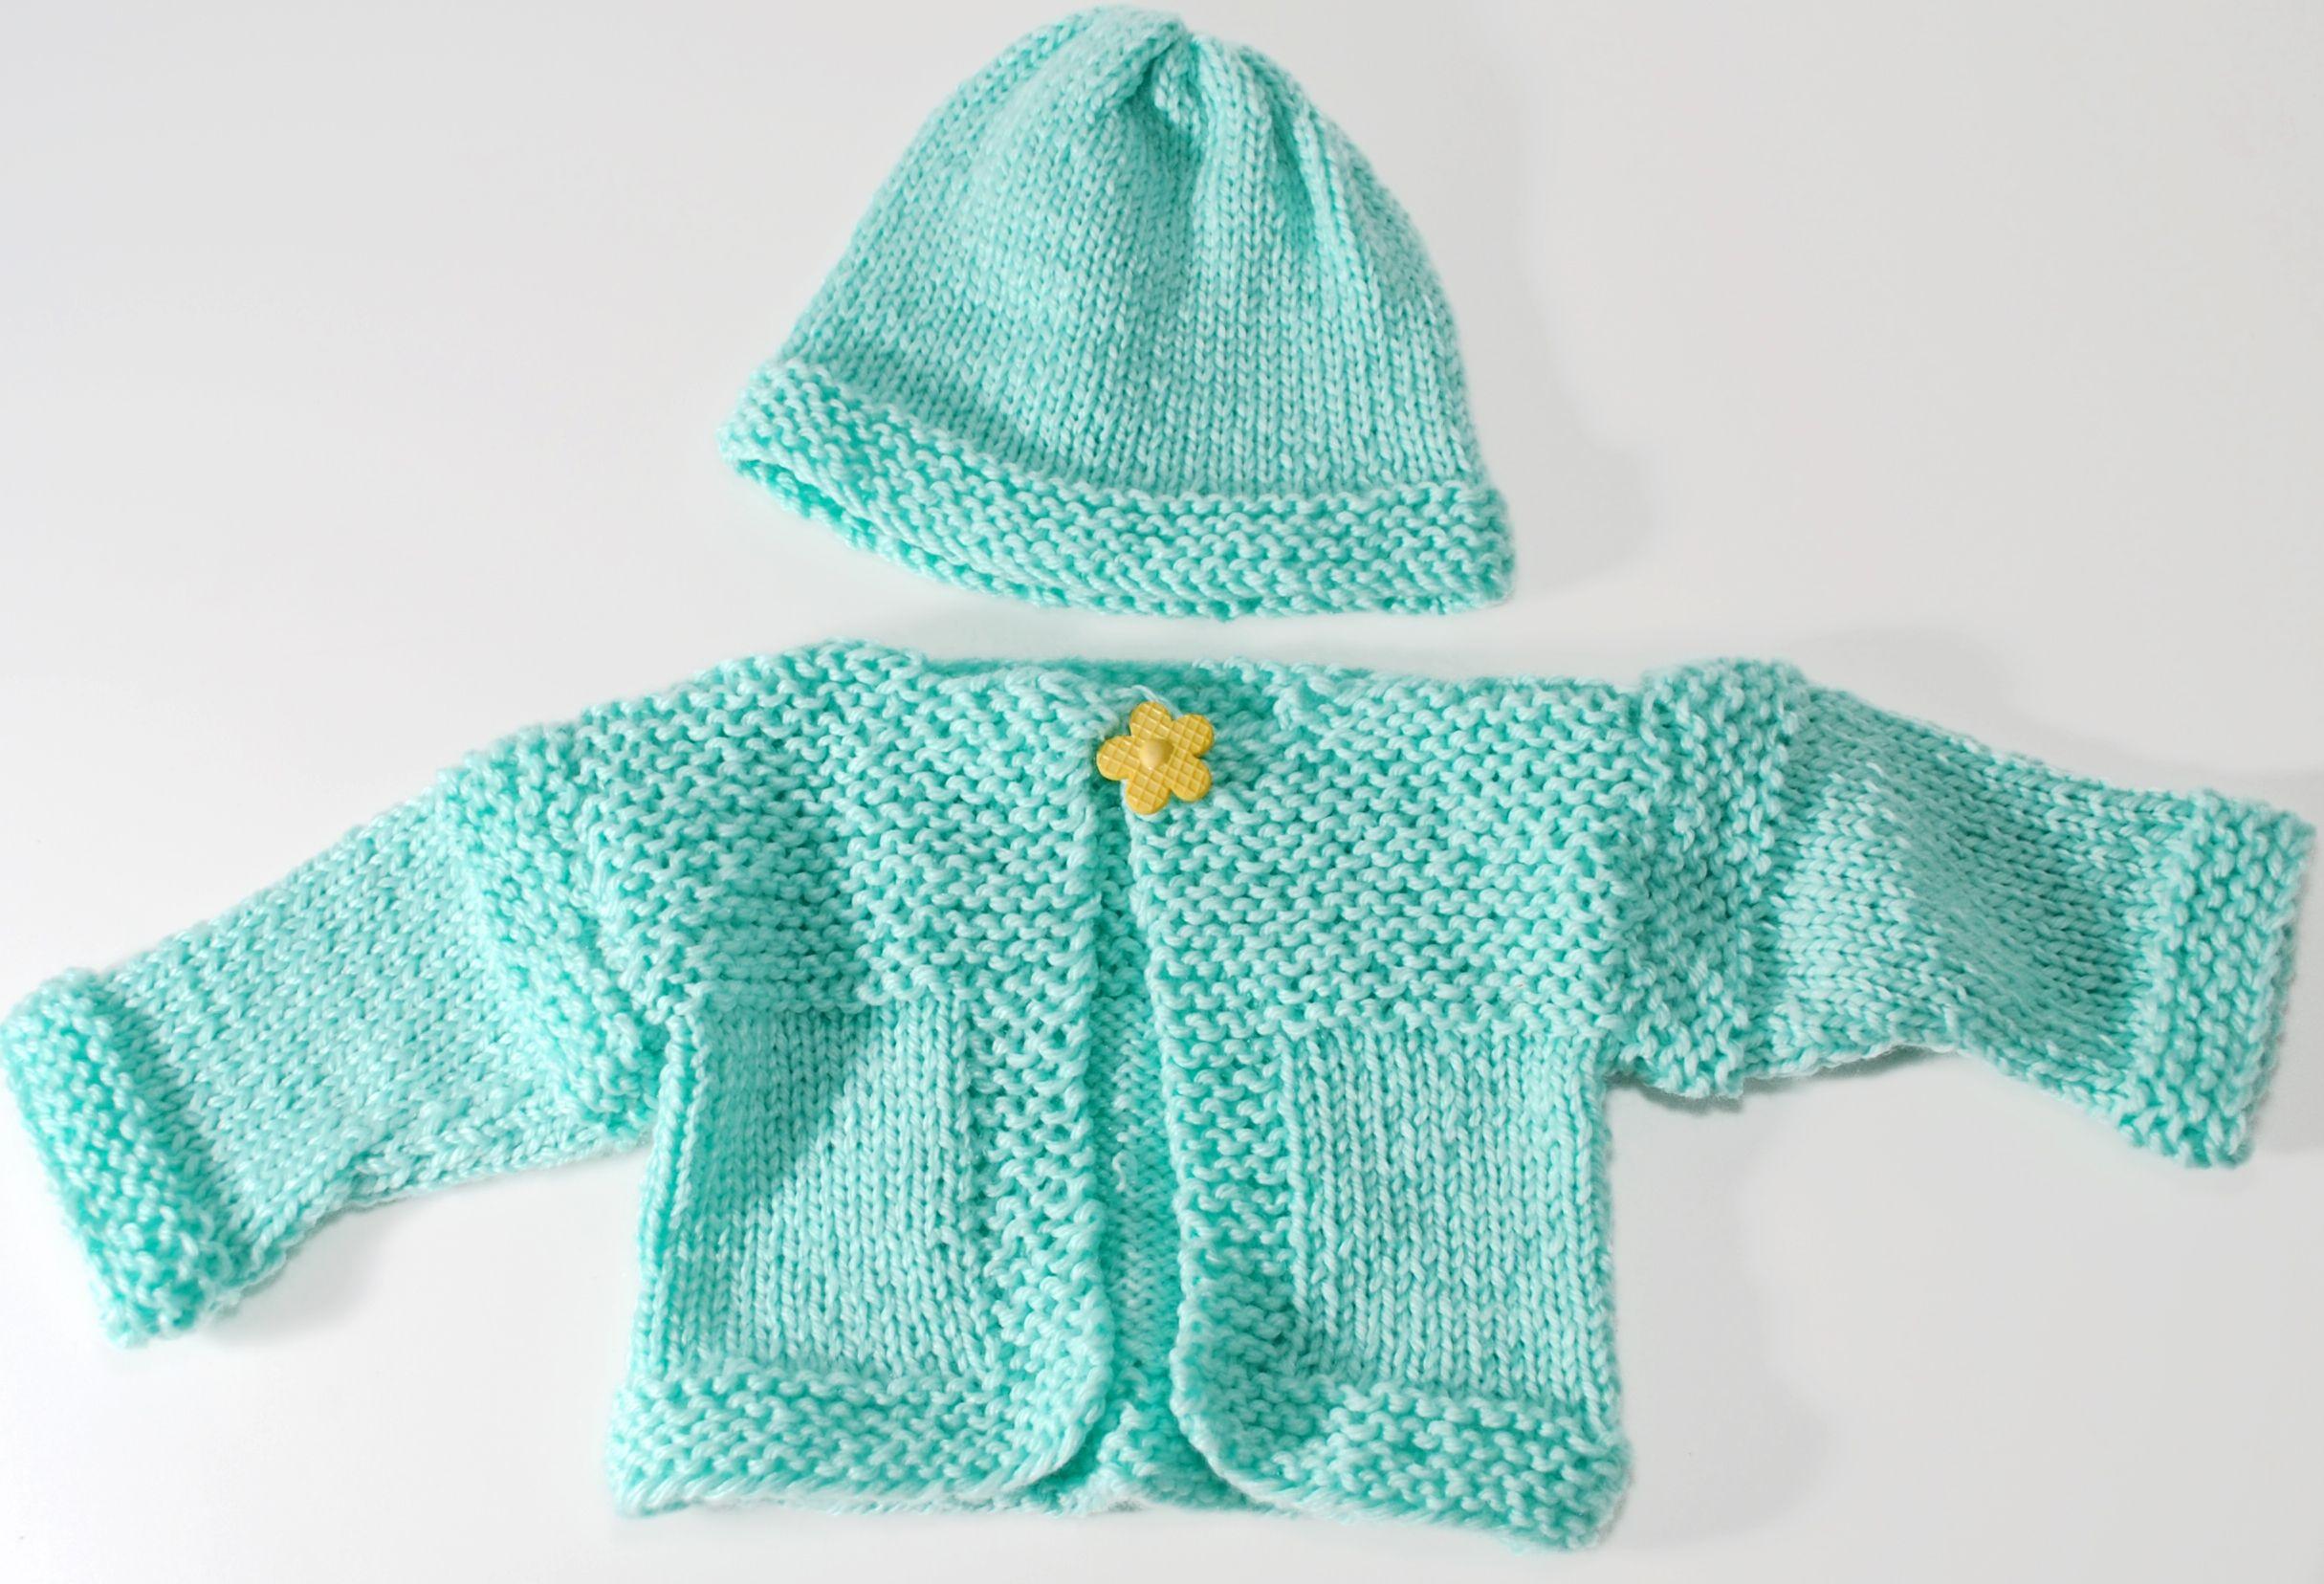 470eefad3 Simple Baby Layette Set | Looming Baby Items! | Loom knitting ...